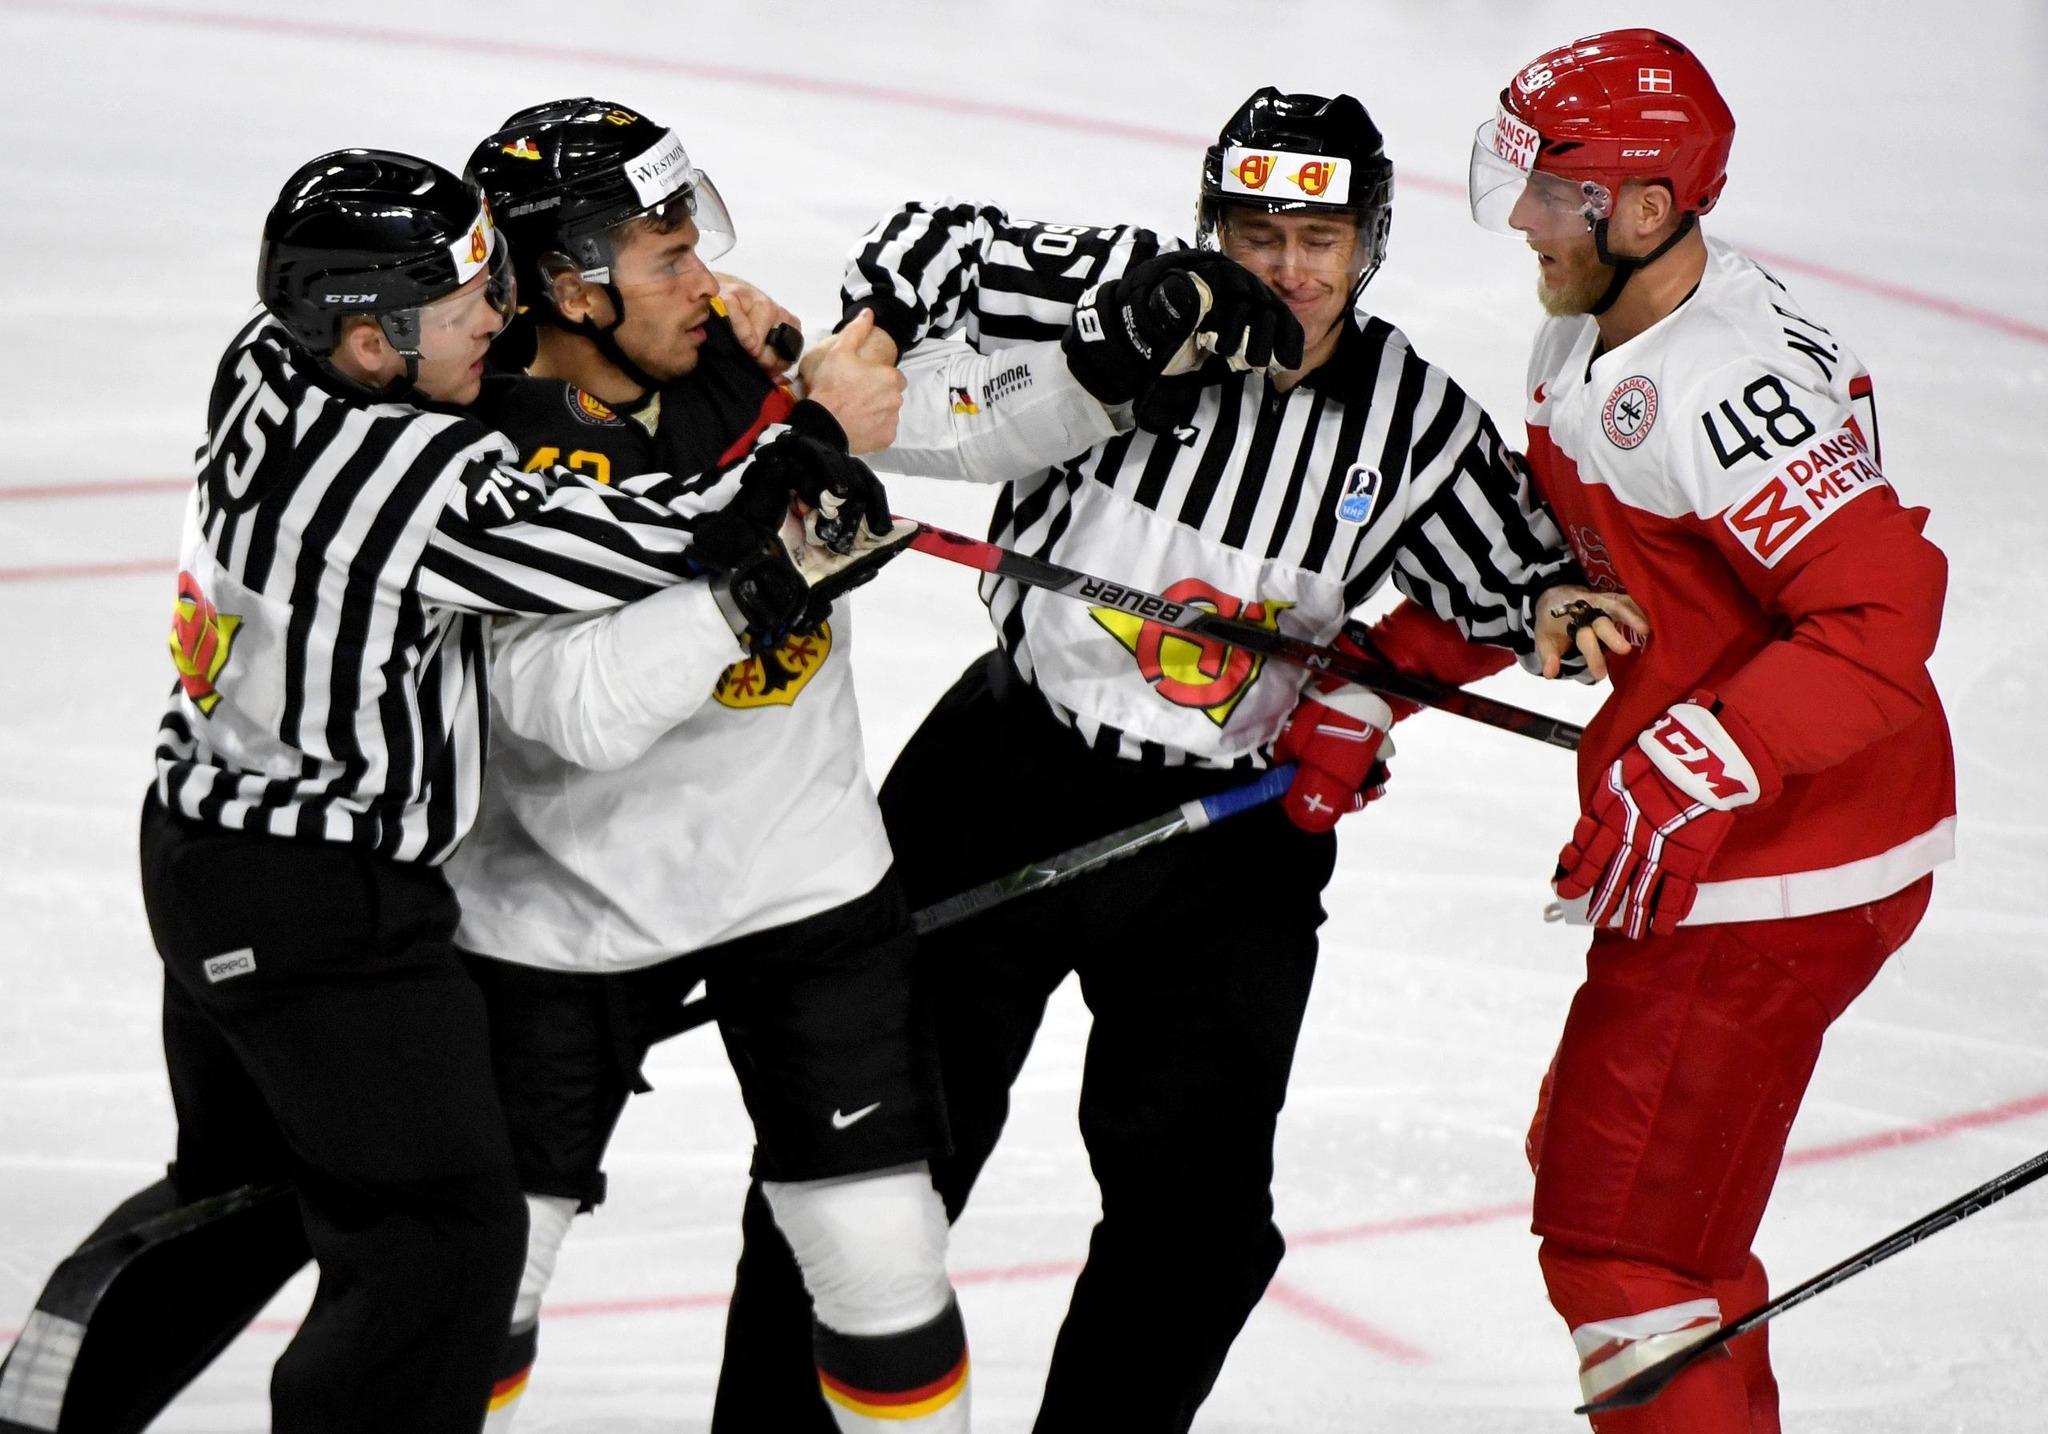 Emotionen pur: Dänemarks Nicholas Jensen (rechts) und Deutschlands Yasin Ehliz  prügeln sich auf dem Eis; die Schiedsrichter gehen dazwischen.